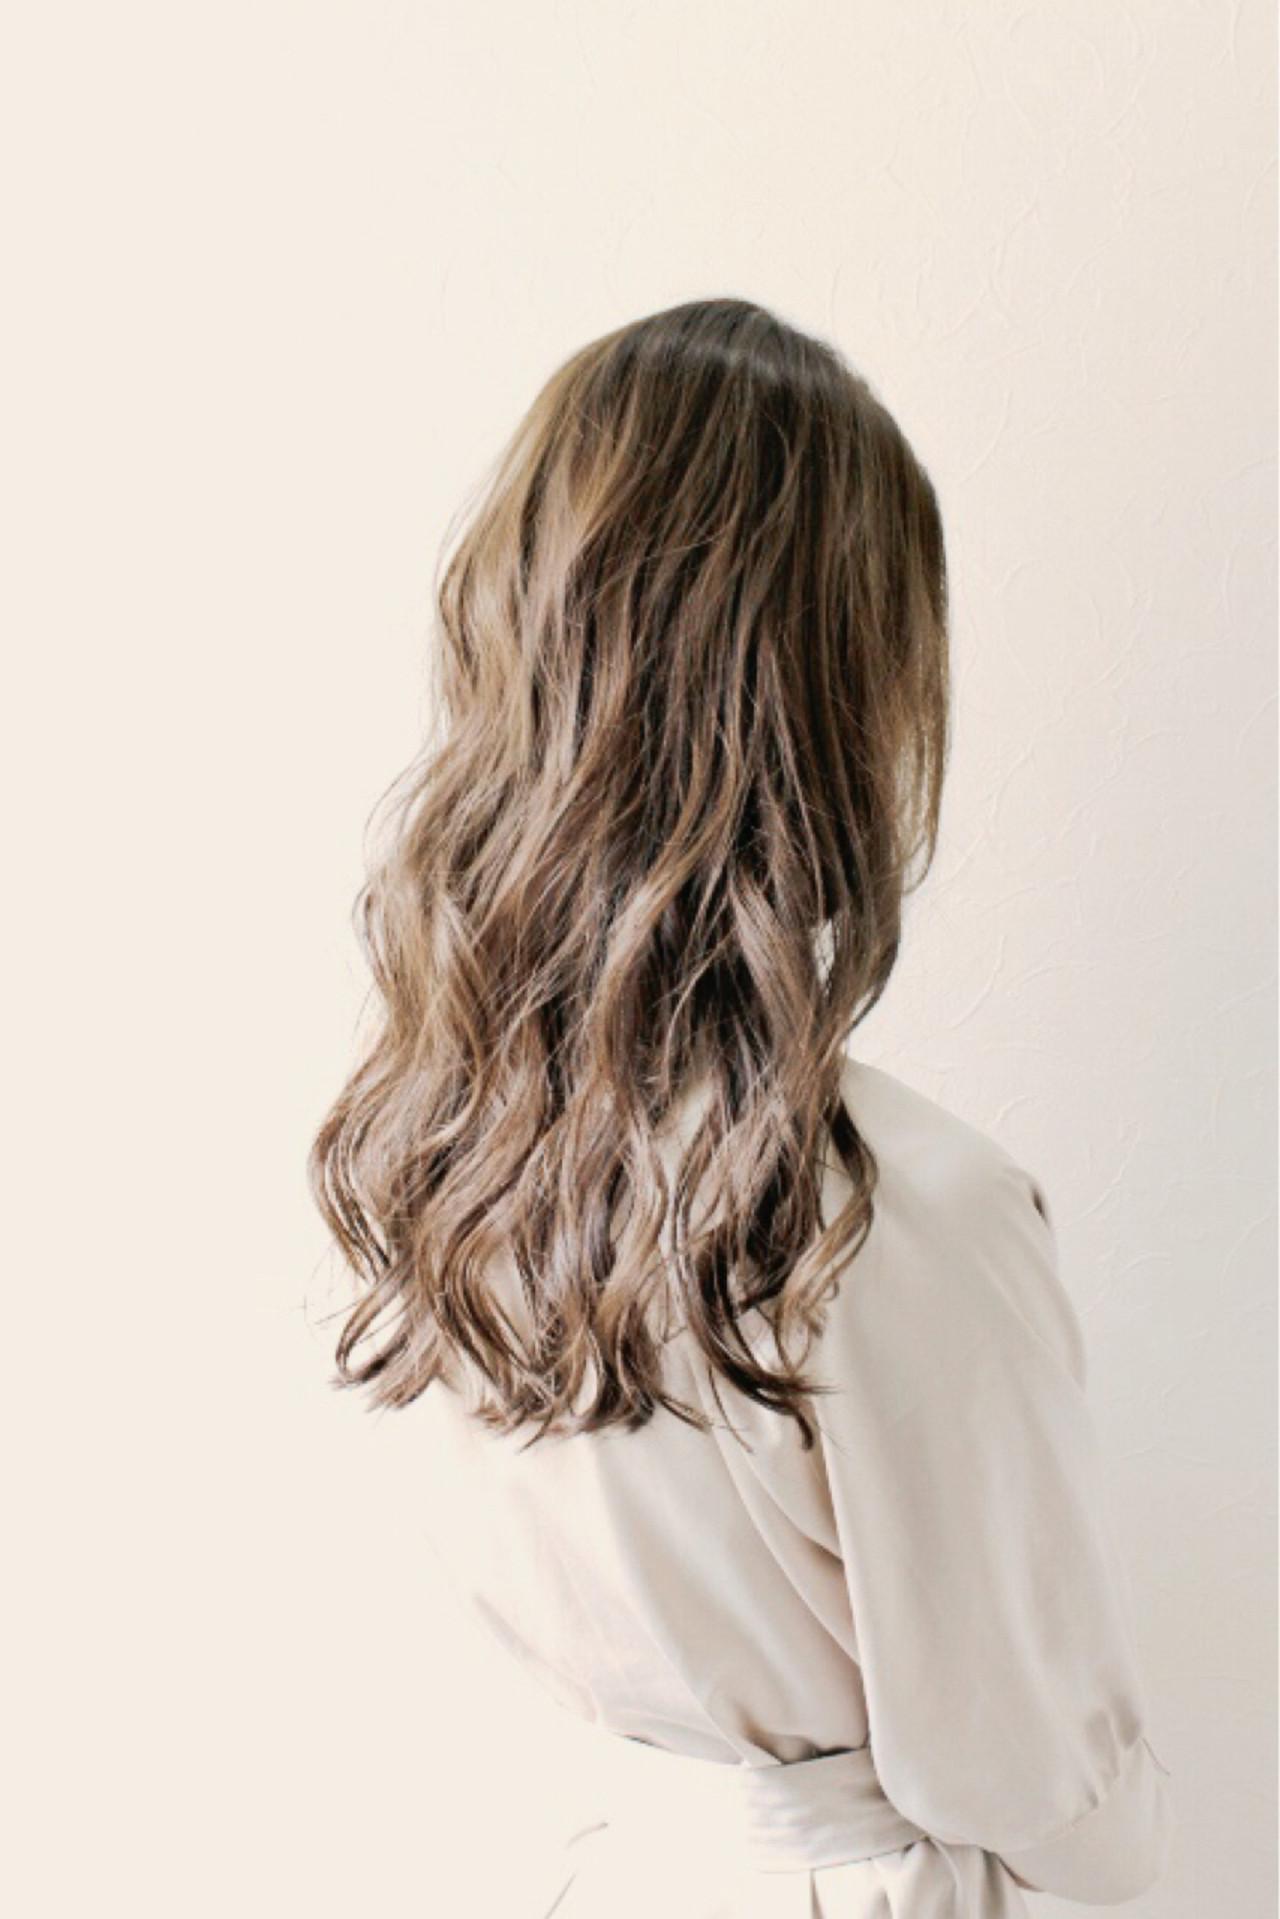 外国人風 ガーリー ウェーブ リラックス ヘアスタイルや髪型の写真・画像 | SHO / Rifull八王子